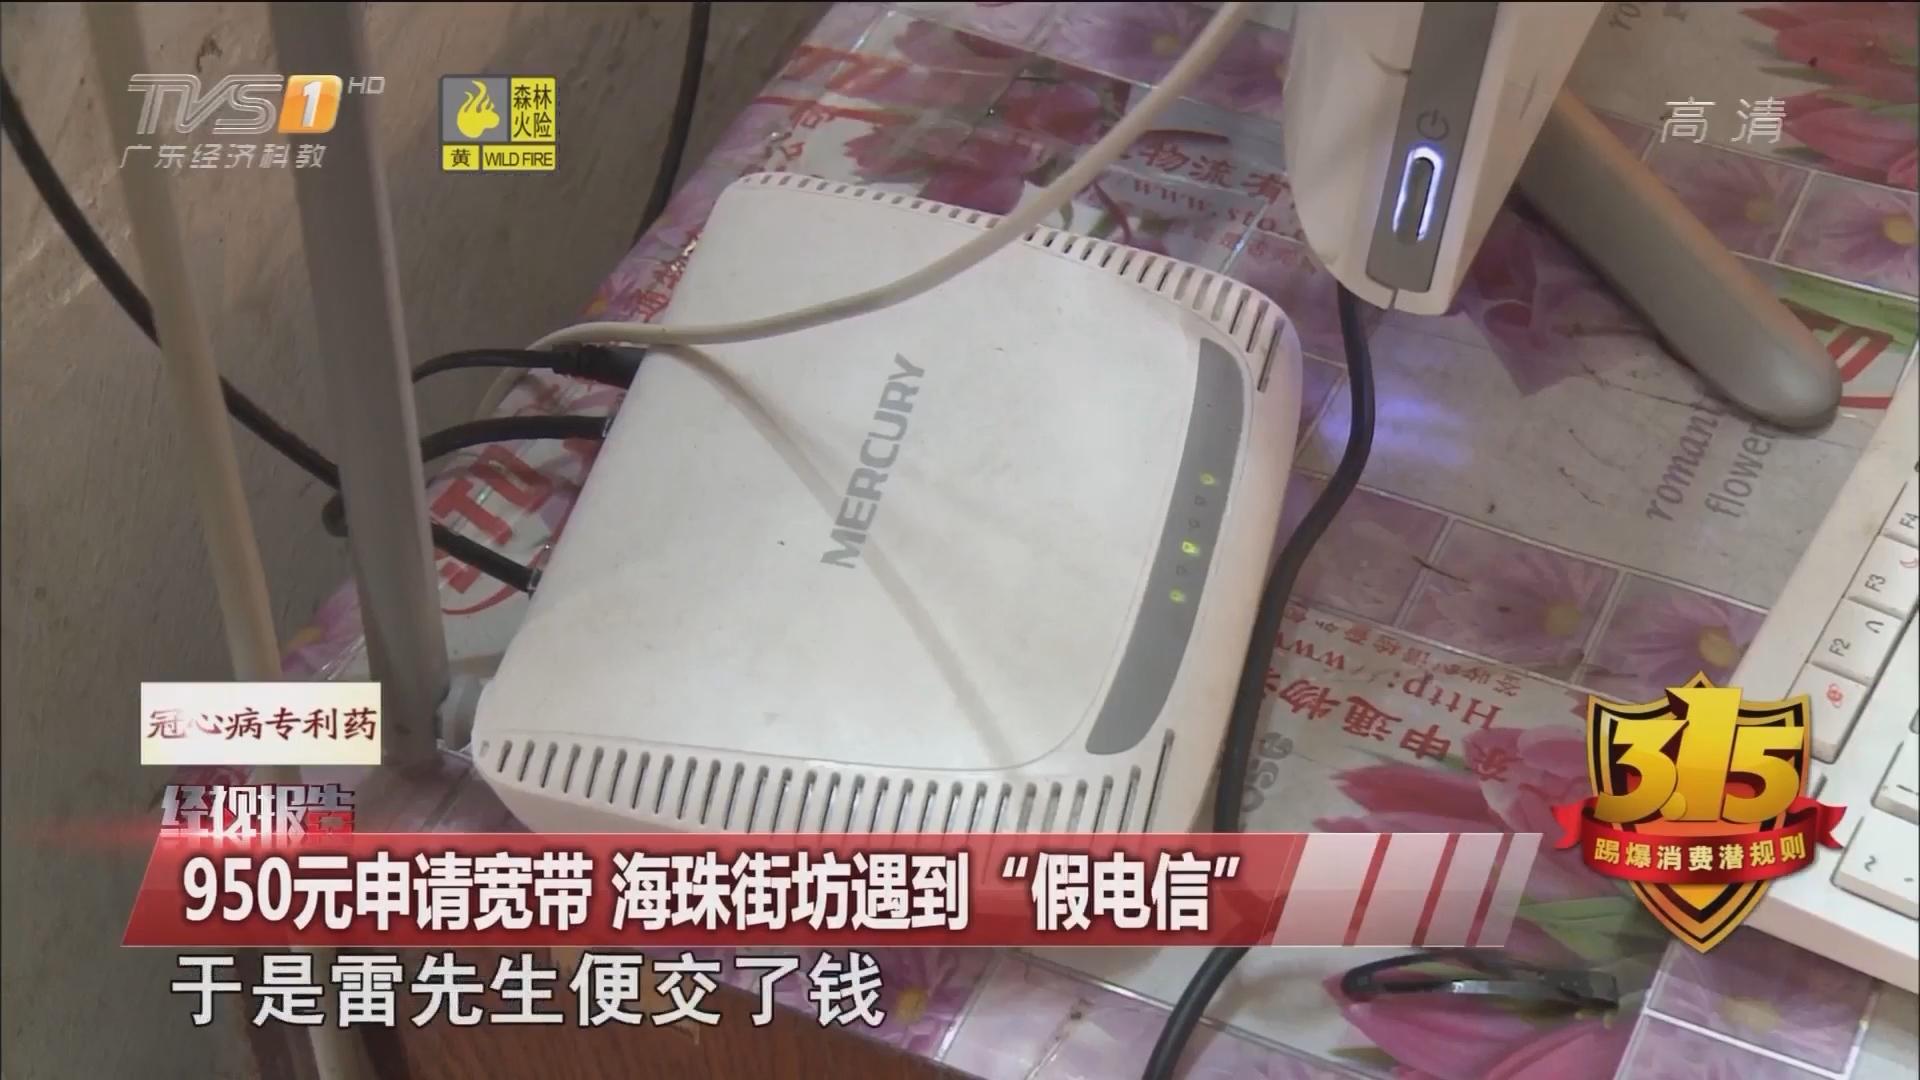 """950元申请宽带 海珠街坊遇到""""假电信"""""""